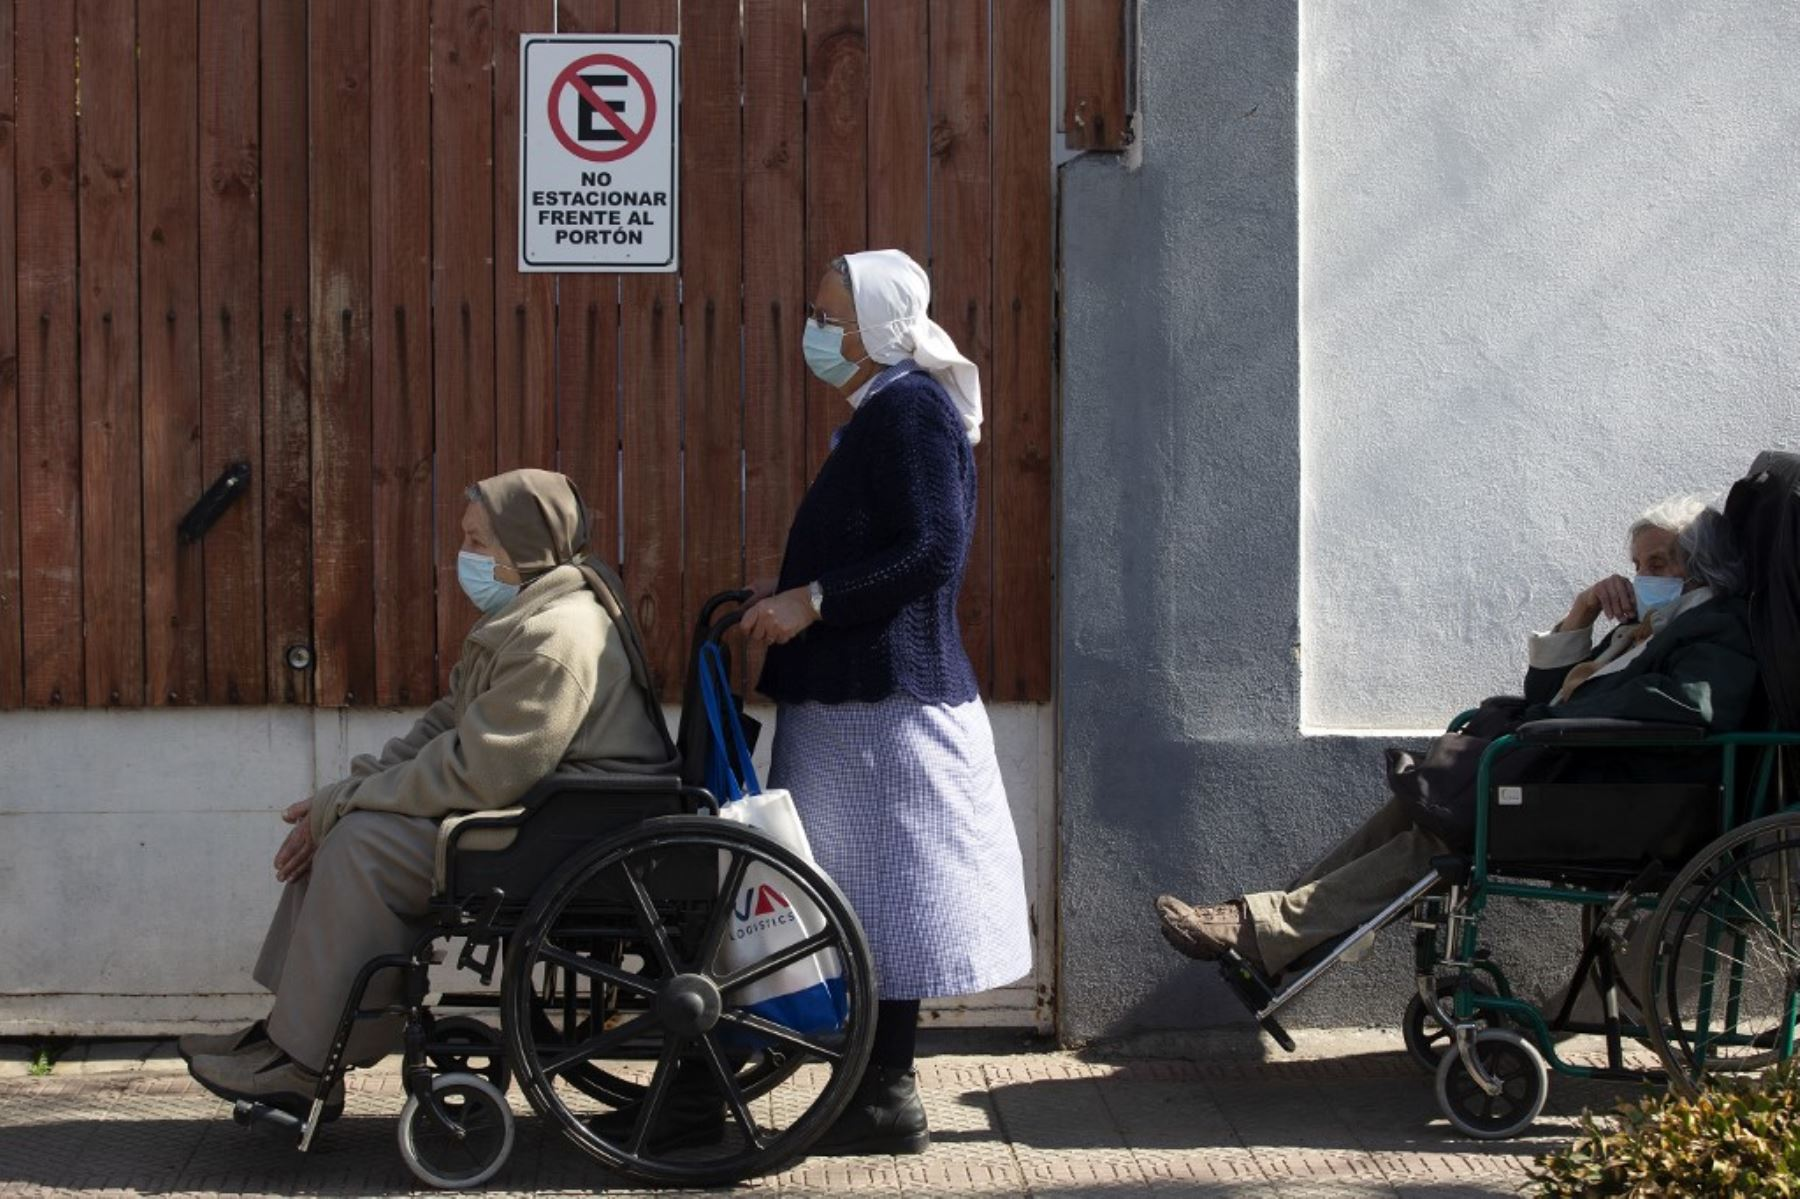 Ancianos hacen cola esperando su turno para recibir una tercera dosis de refuerzo de la vacuna Astrazeneca contra Covid-19 en un centro de vacunación de Santiago de Chile. Foto: AFP